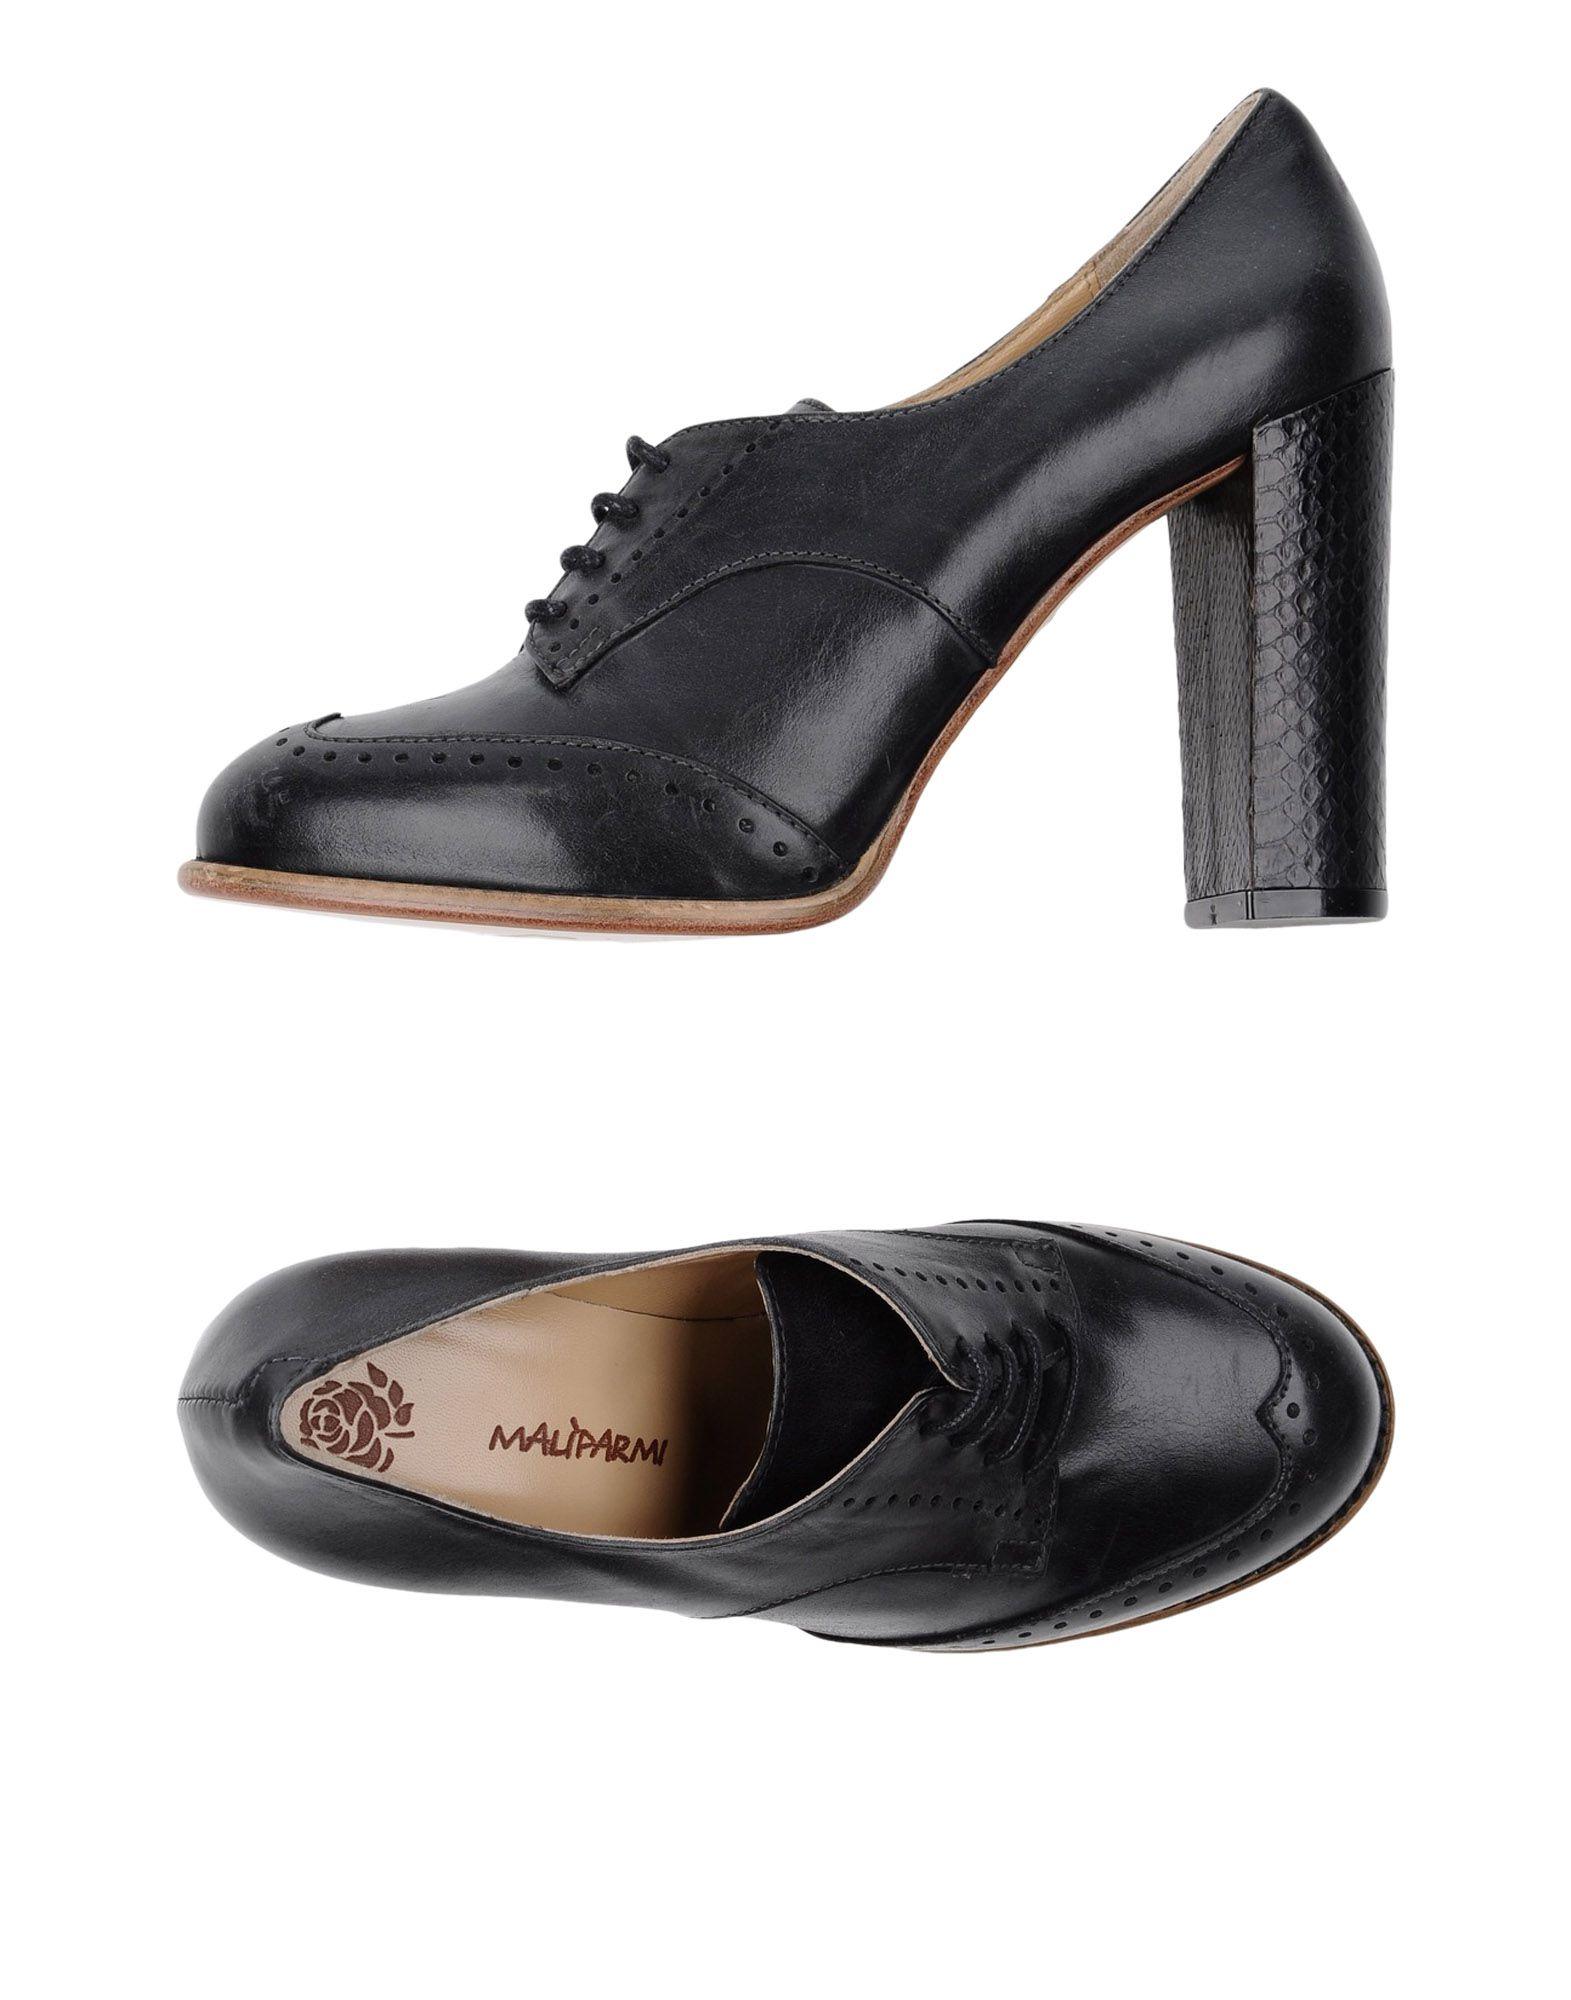 Malìparmi Schnürschuhe Damen  11341174VW Gute Qualität beliebte Schuhe